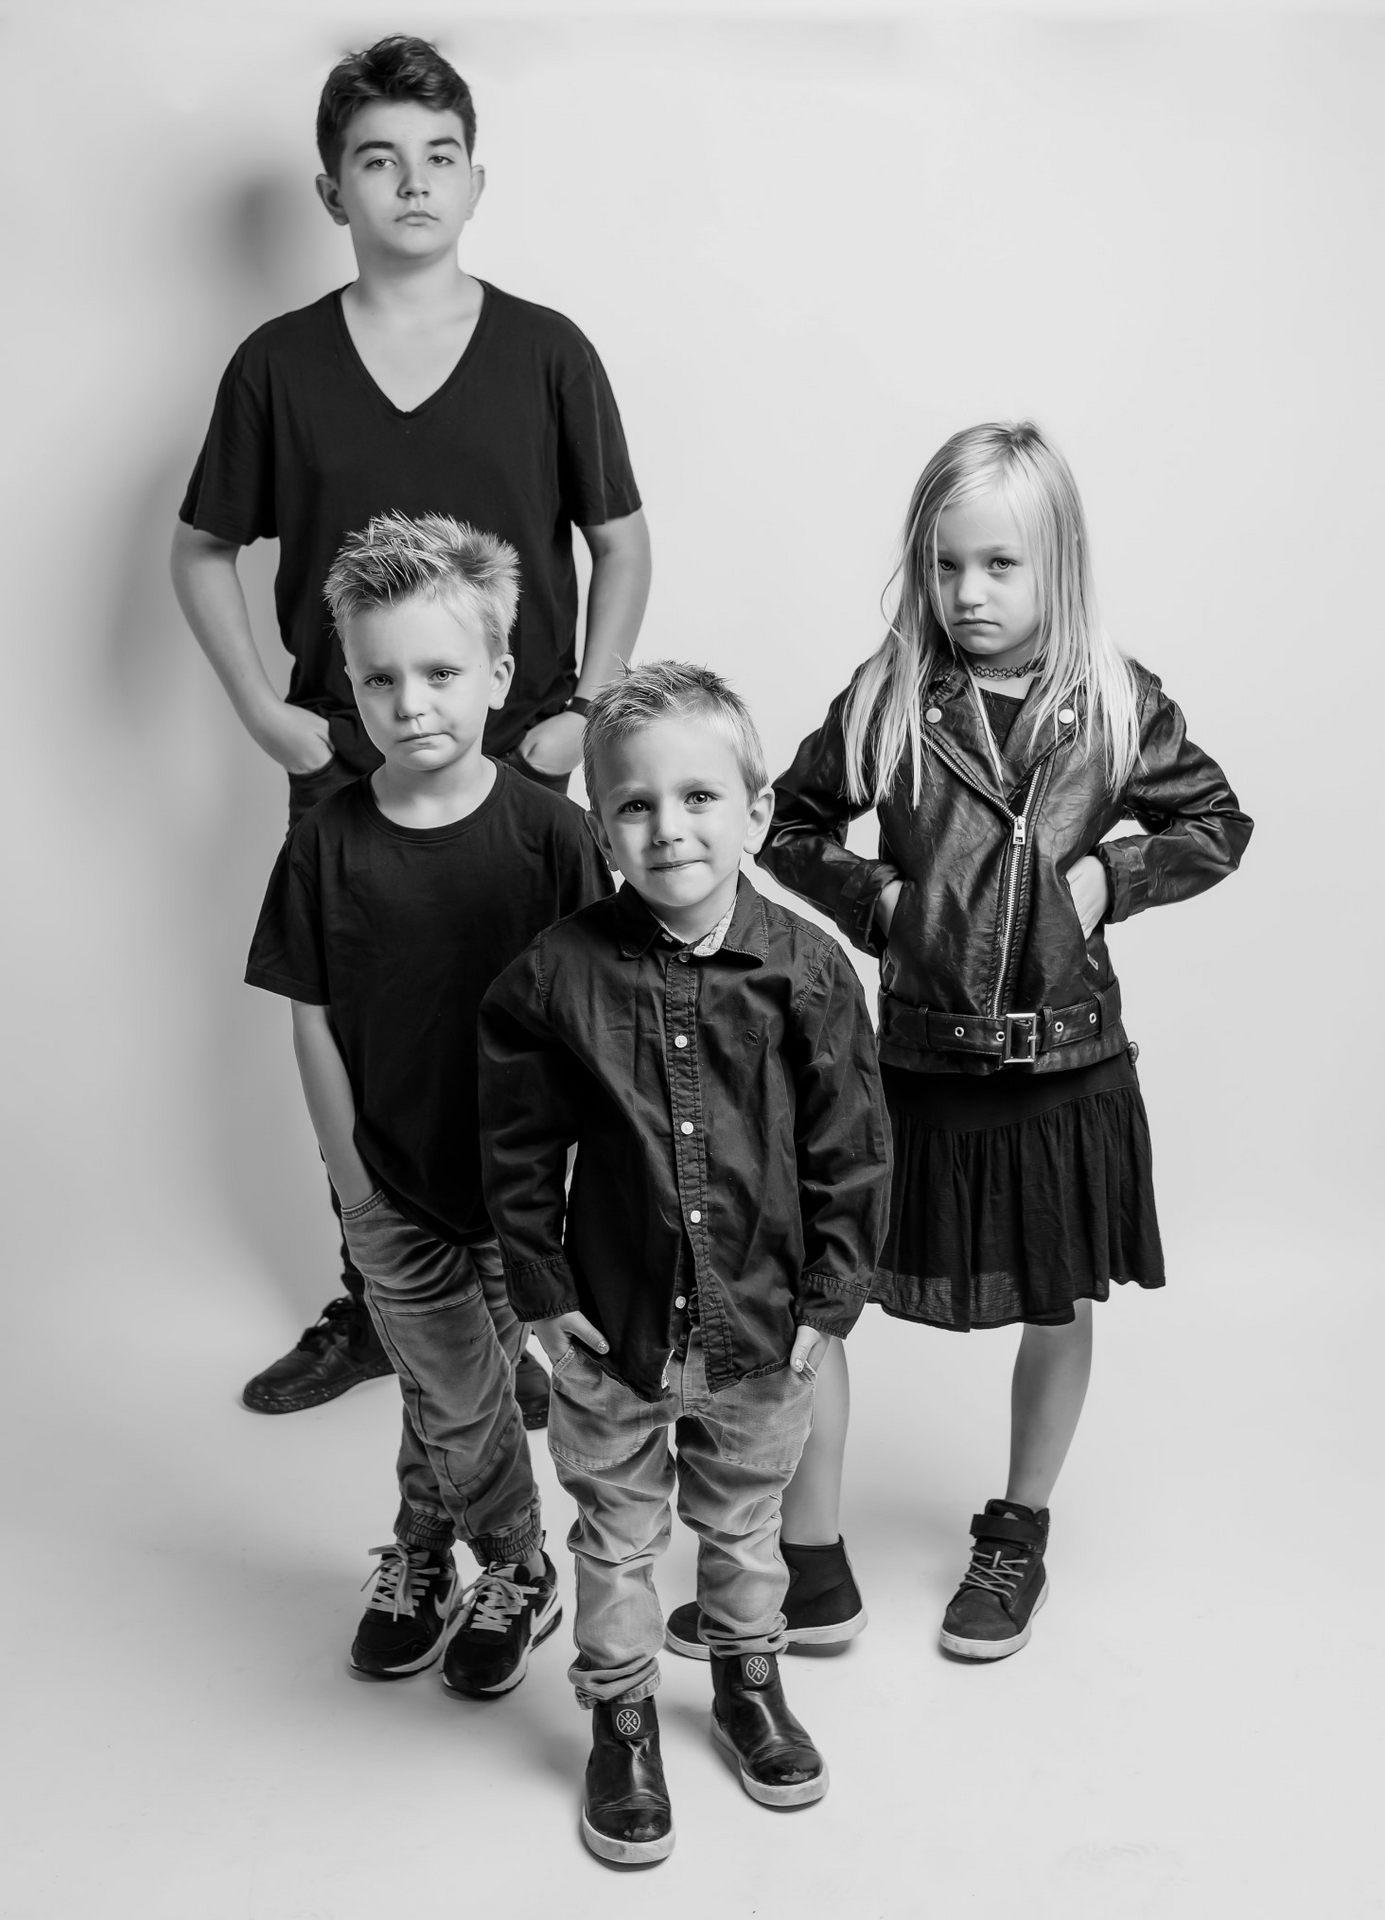 Sesja zdjęciowa kobieca, zdjęcia dziecięce i portrety dokumentacyjne. Wyróżnione zdjęcia po spotkaniu live. 312 Kursy i 305 AFO